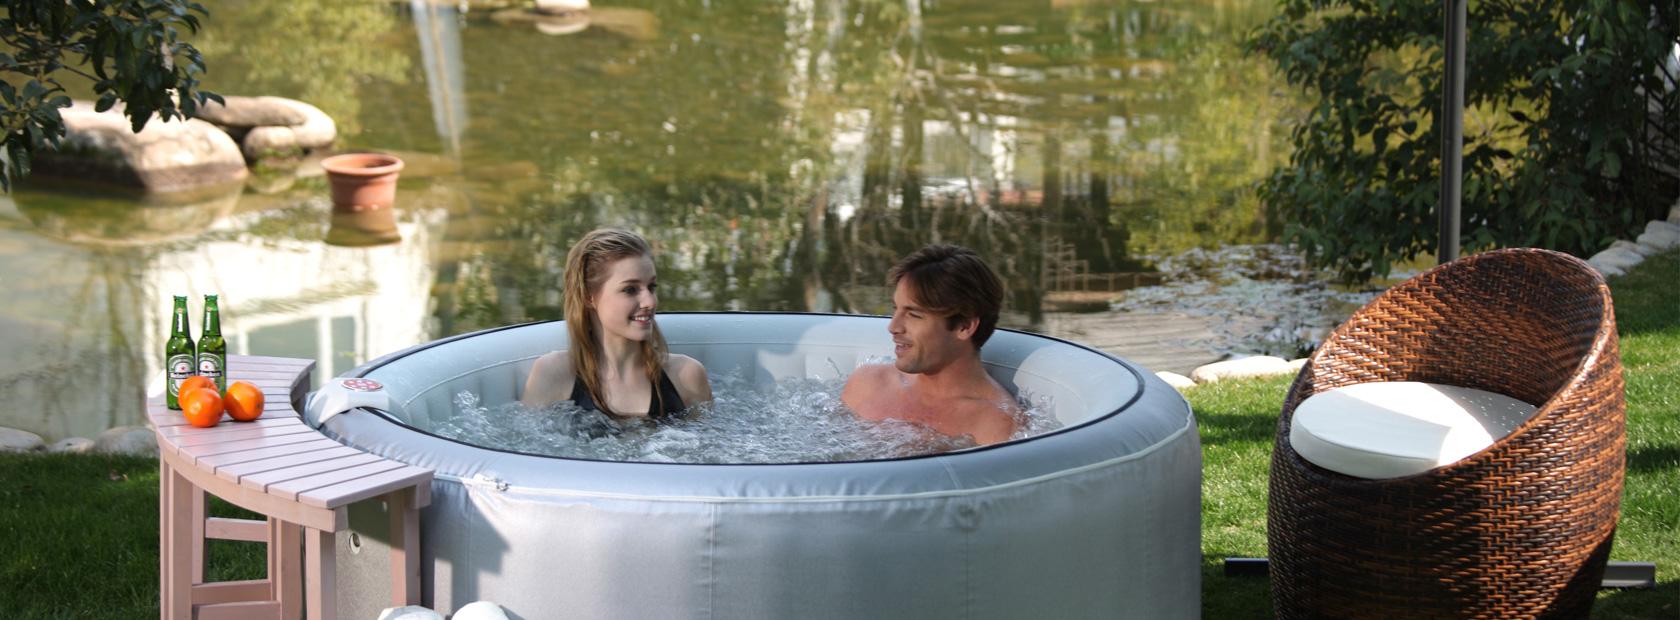 Aqua Spas Inflatable Spa